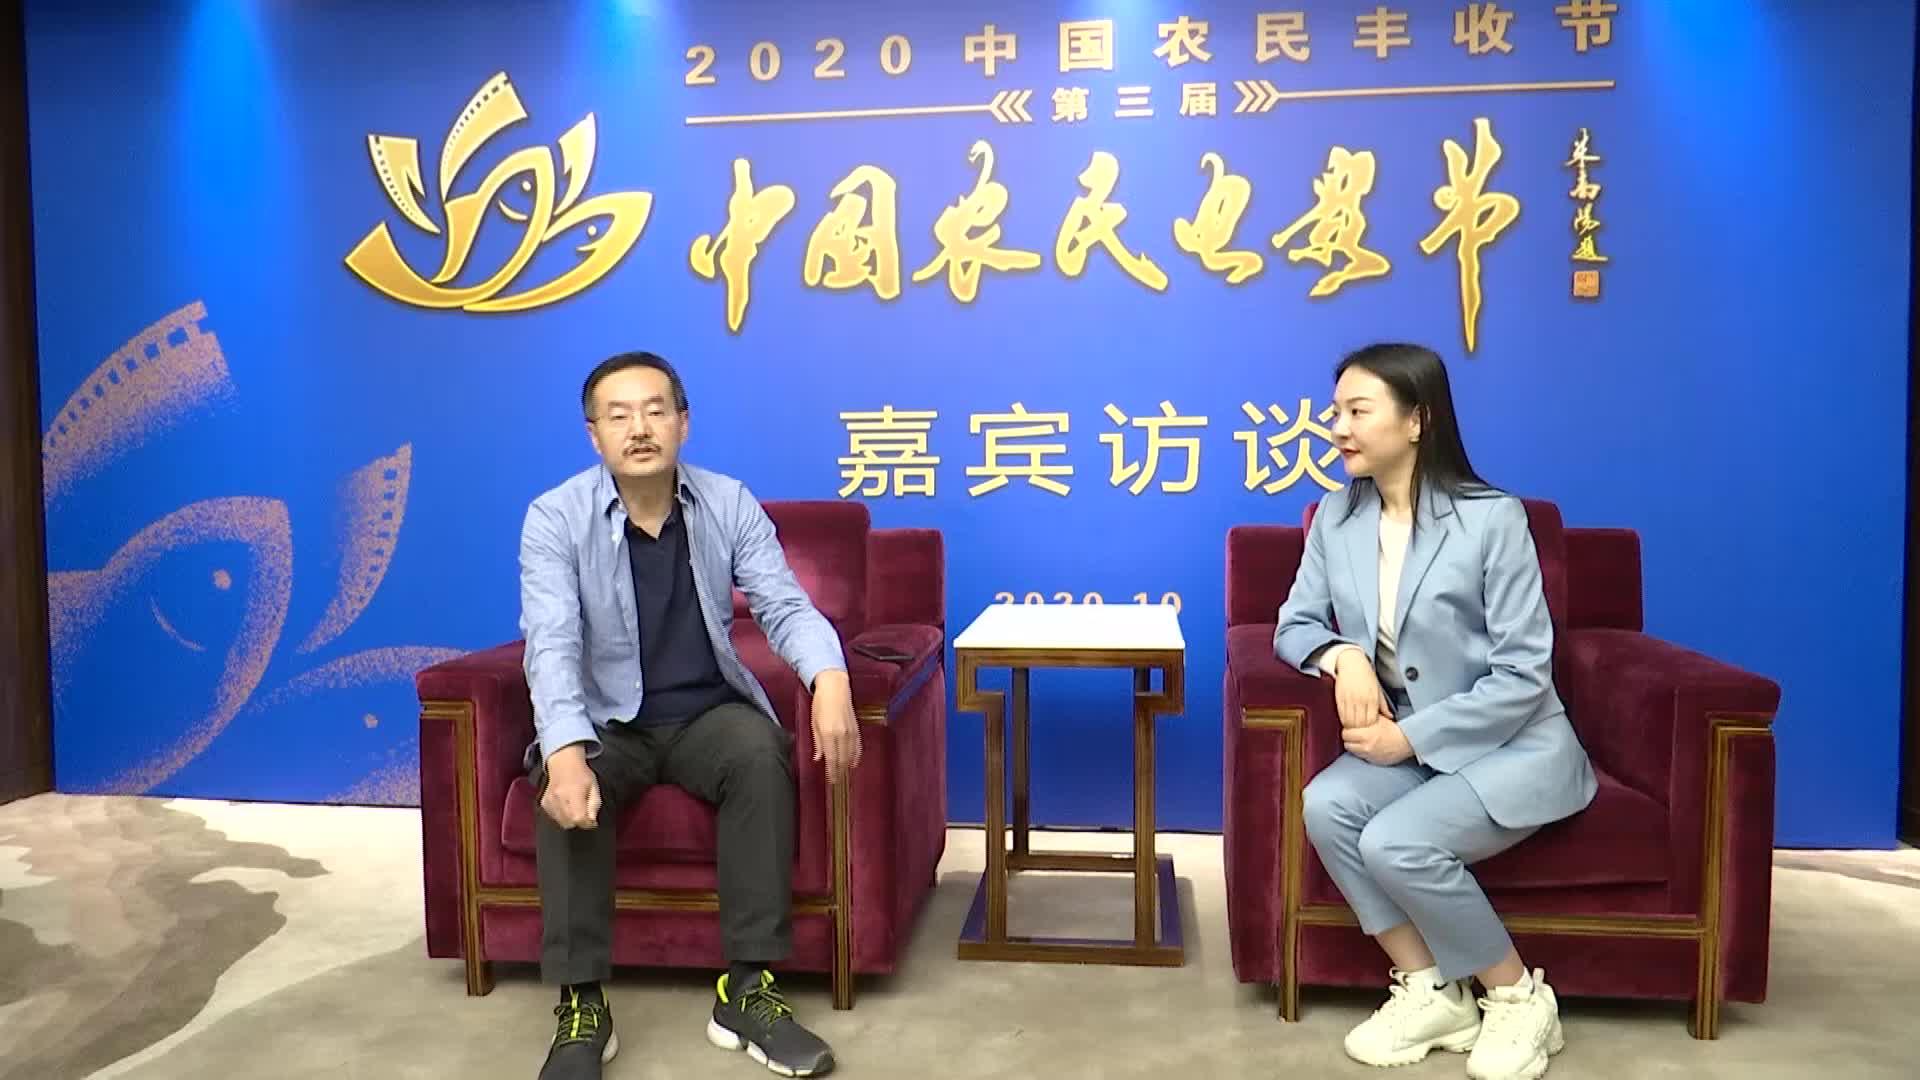 【專訪】第三屆中國農民電影節嘉賓、中國科教電影電視協會專業委員會副主任秦勇